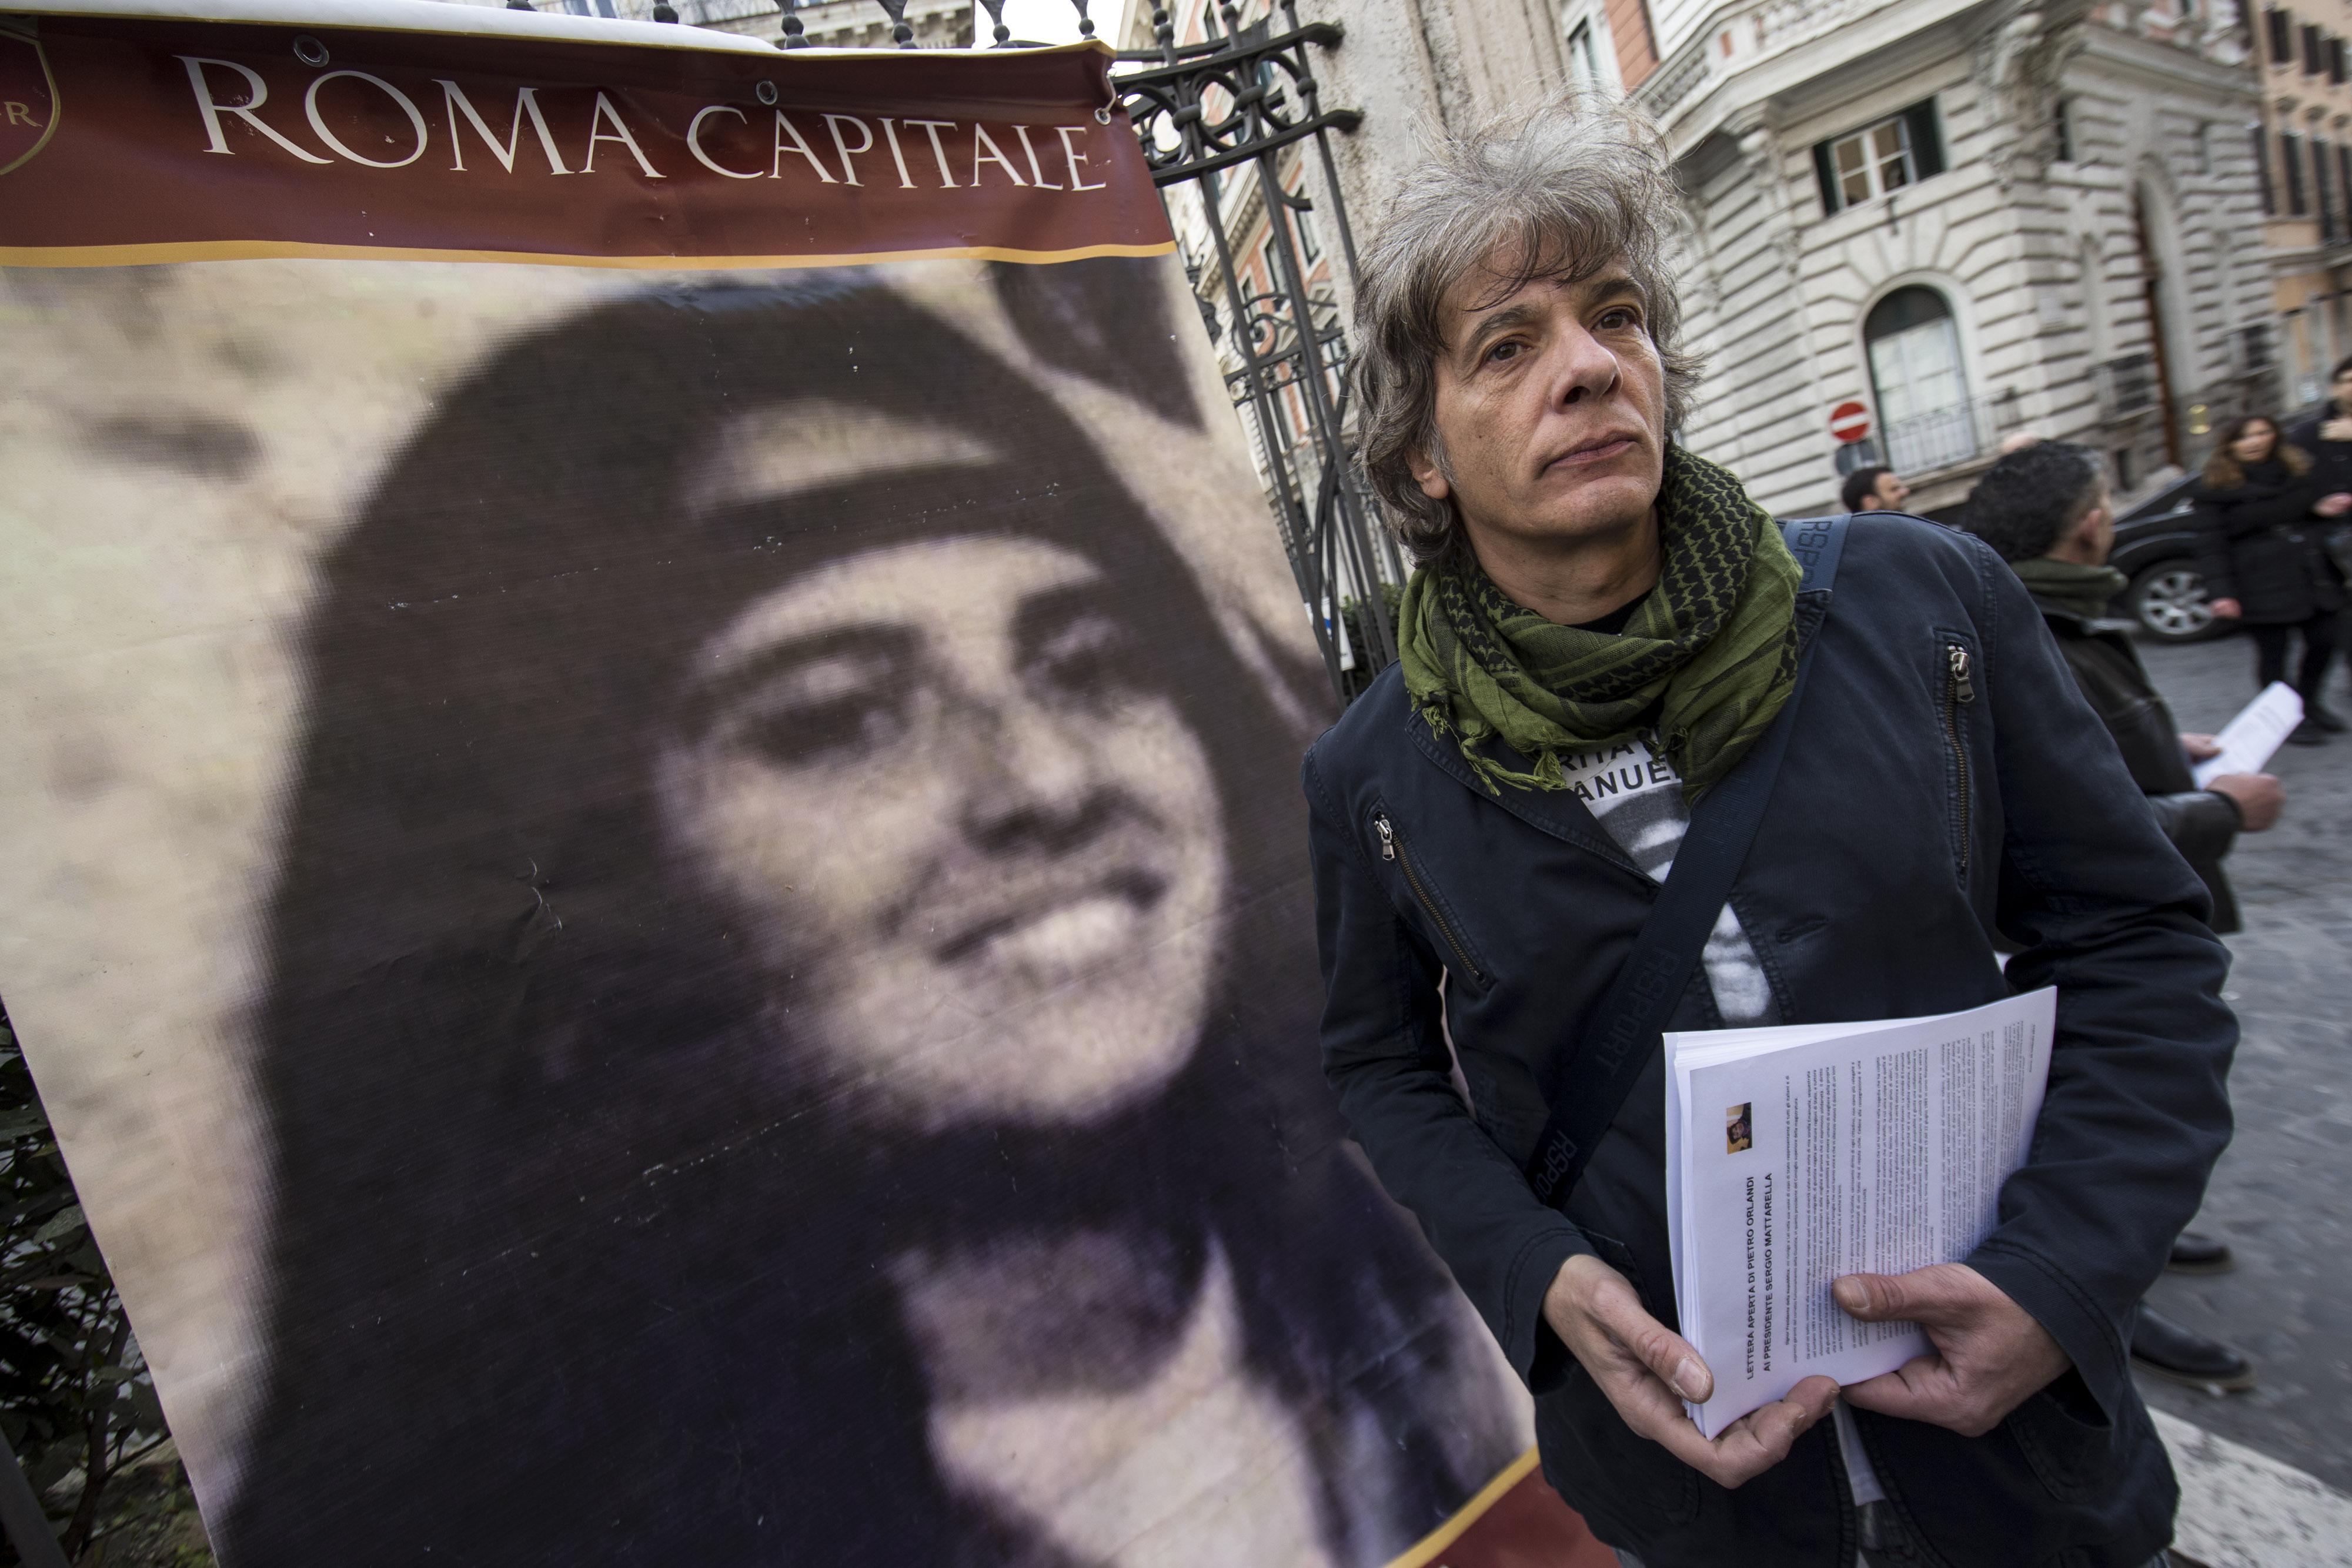 Emanuela Orlandi, il Vaticano: 'Per noi il caso è chiuso'